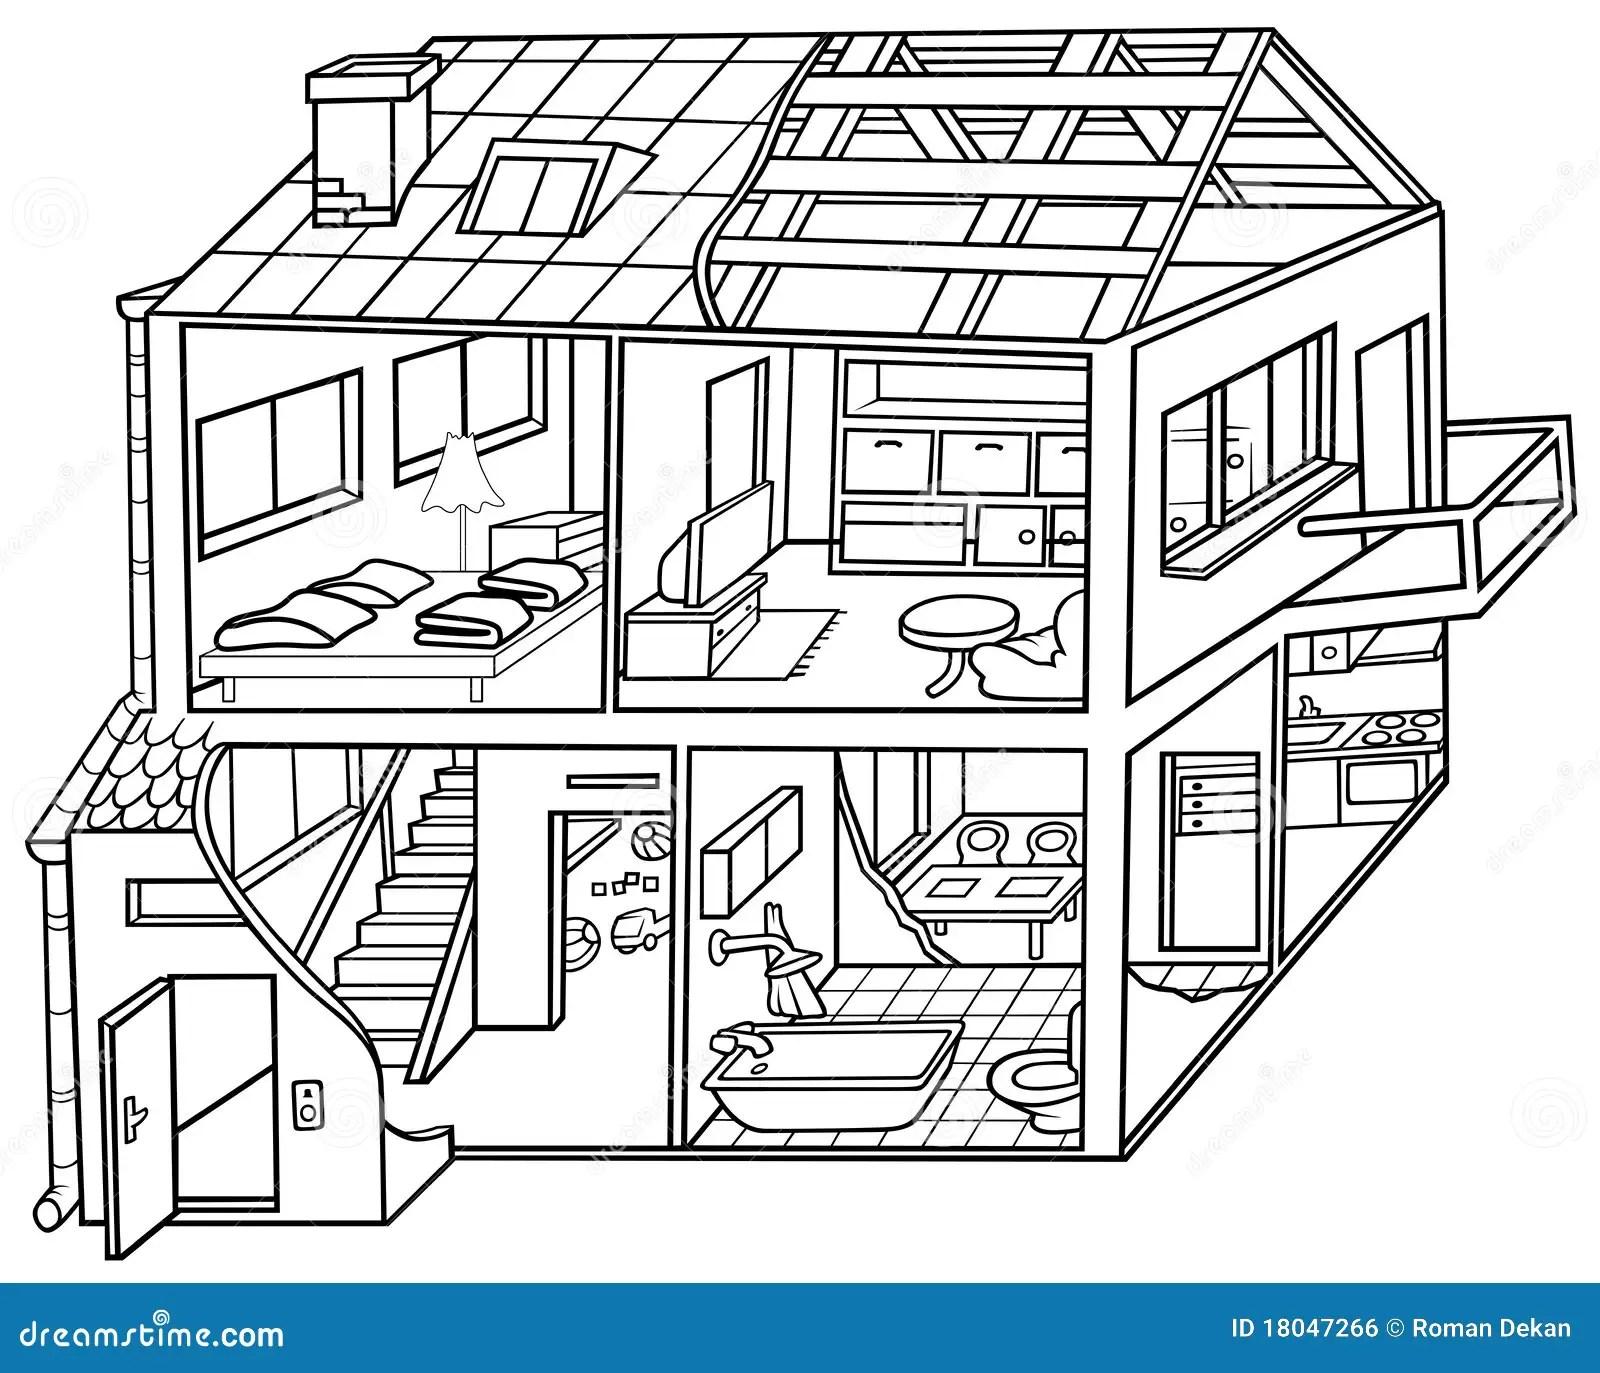 A White Home